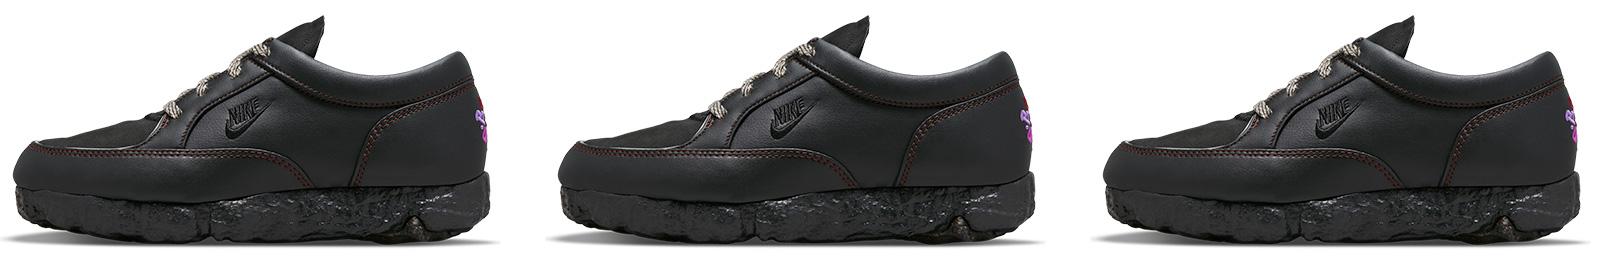 NikeLab DSM SGP